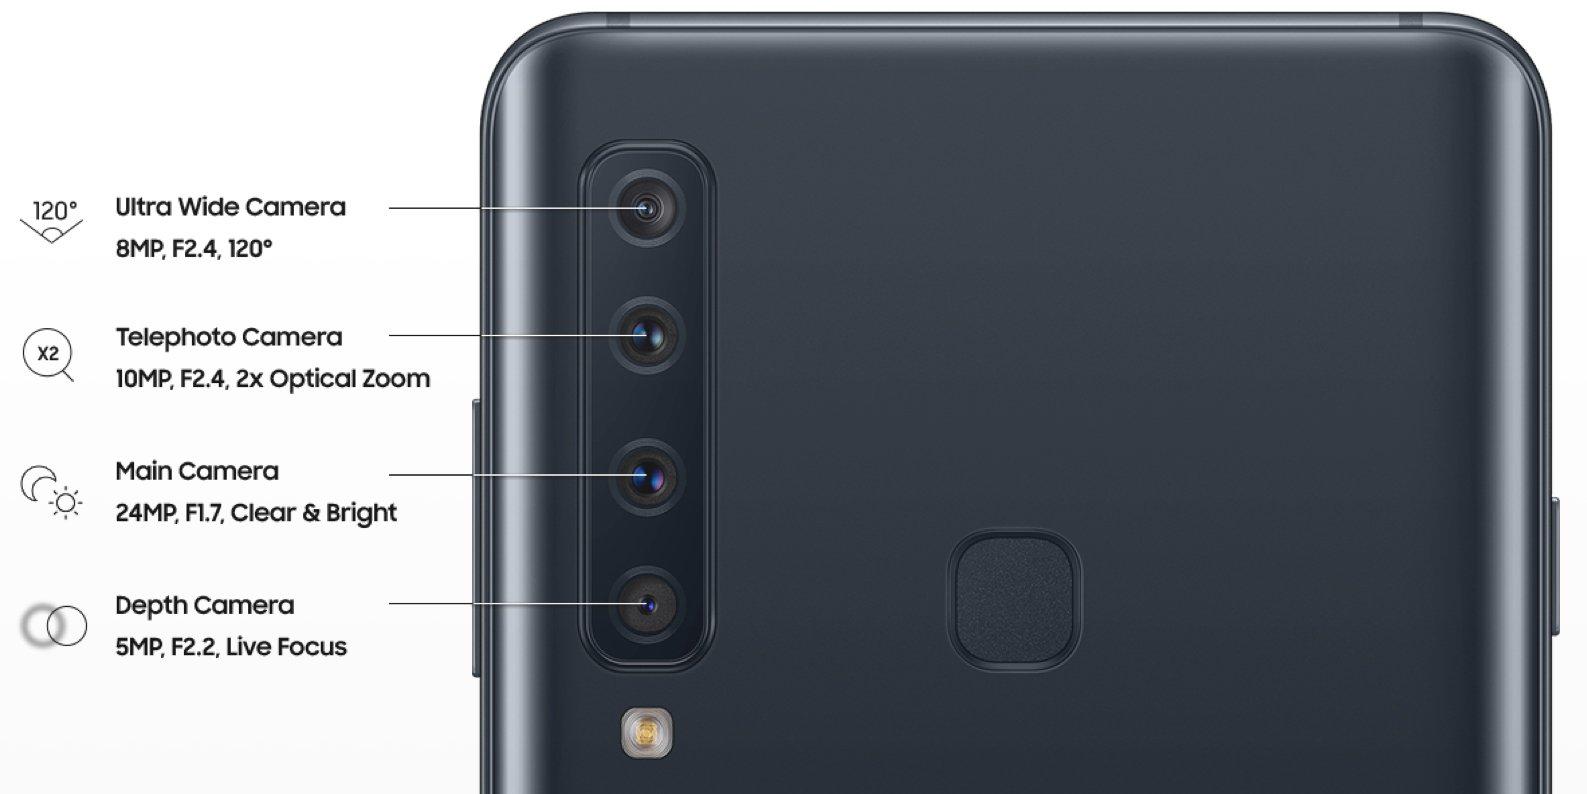 دوربین چهارگانه گلکسی ای ۹ اس (Galaxy A9s)